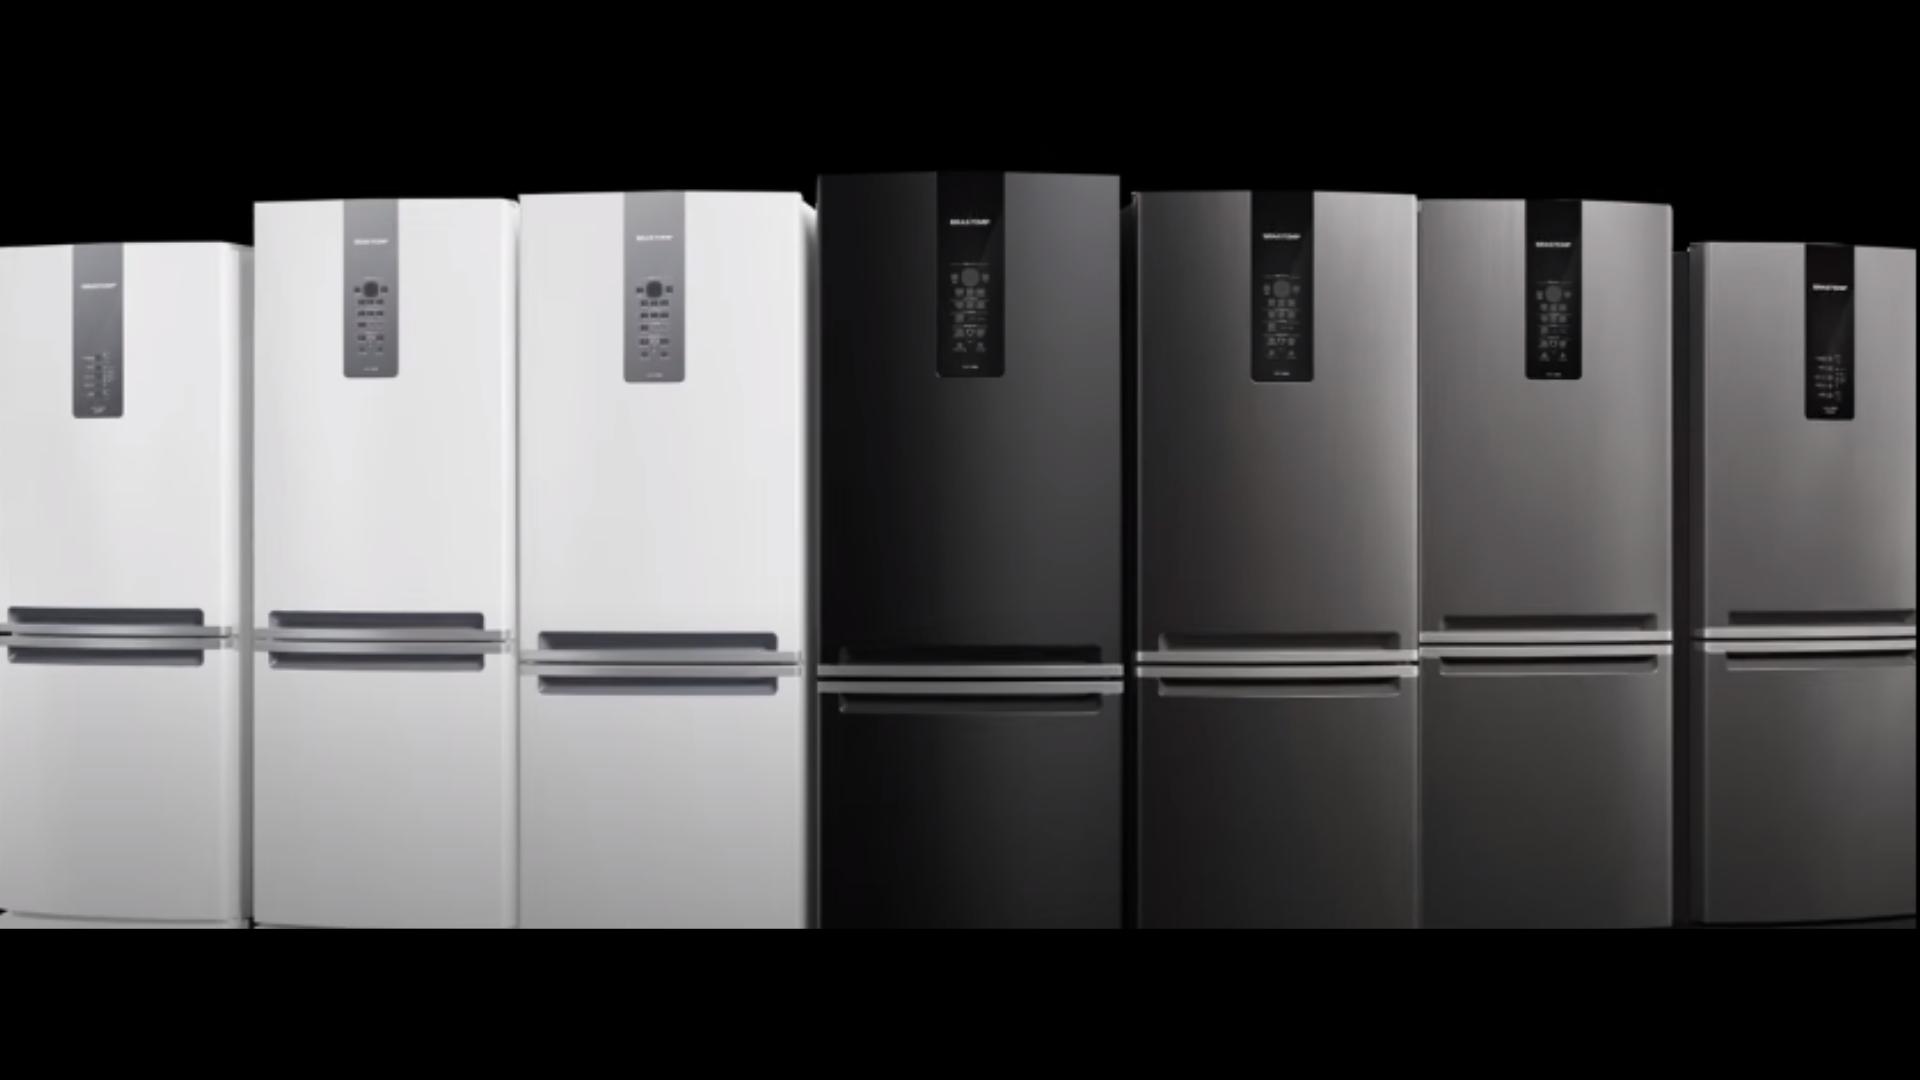 Brastemp BRE57AK: confira análise da ficha técnica e preço da geladeira